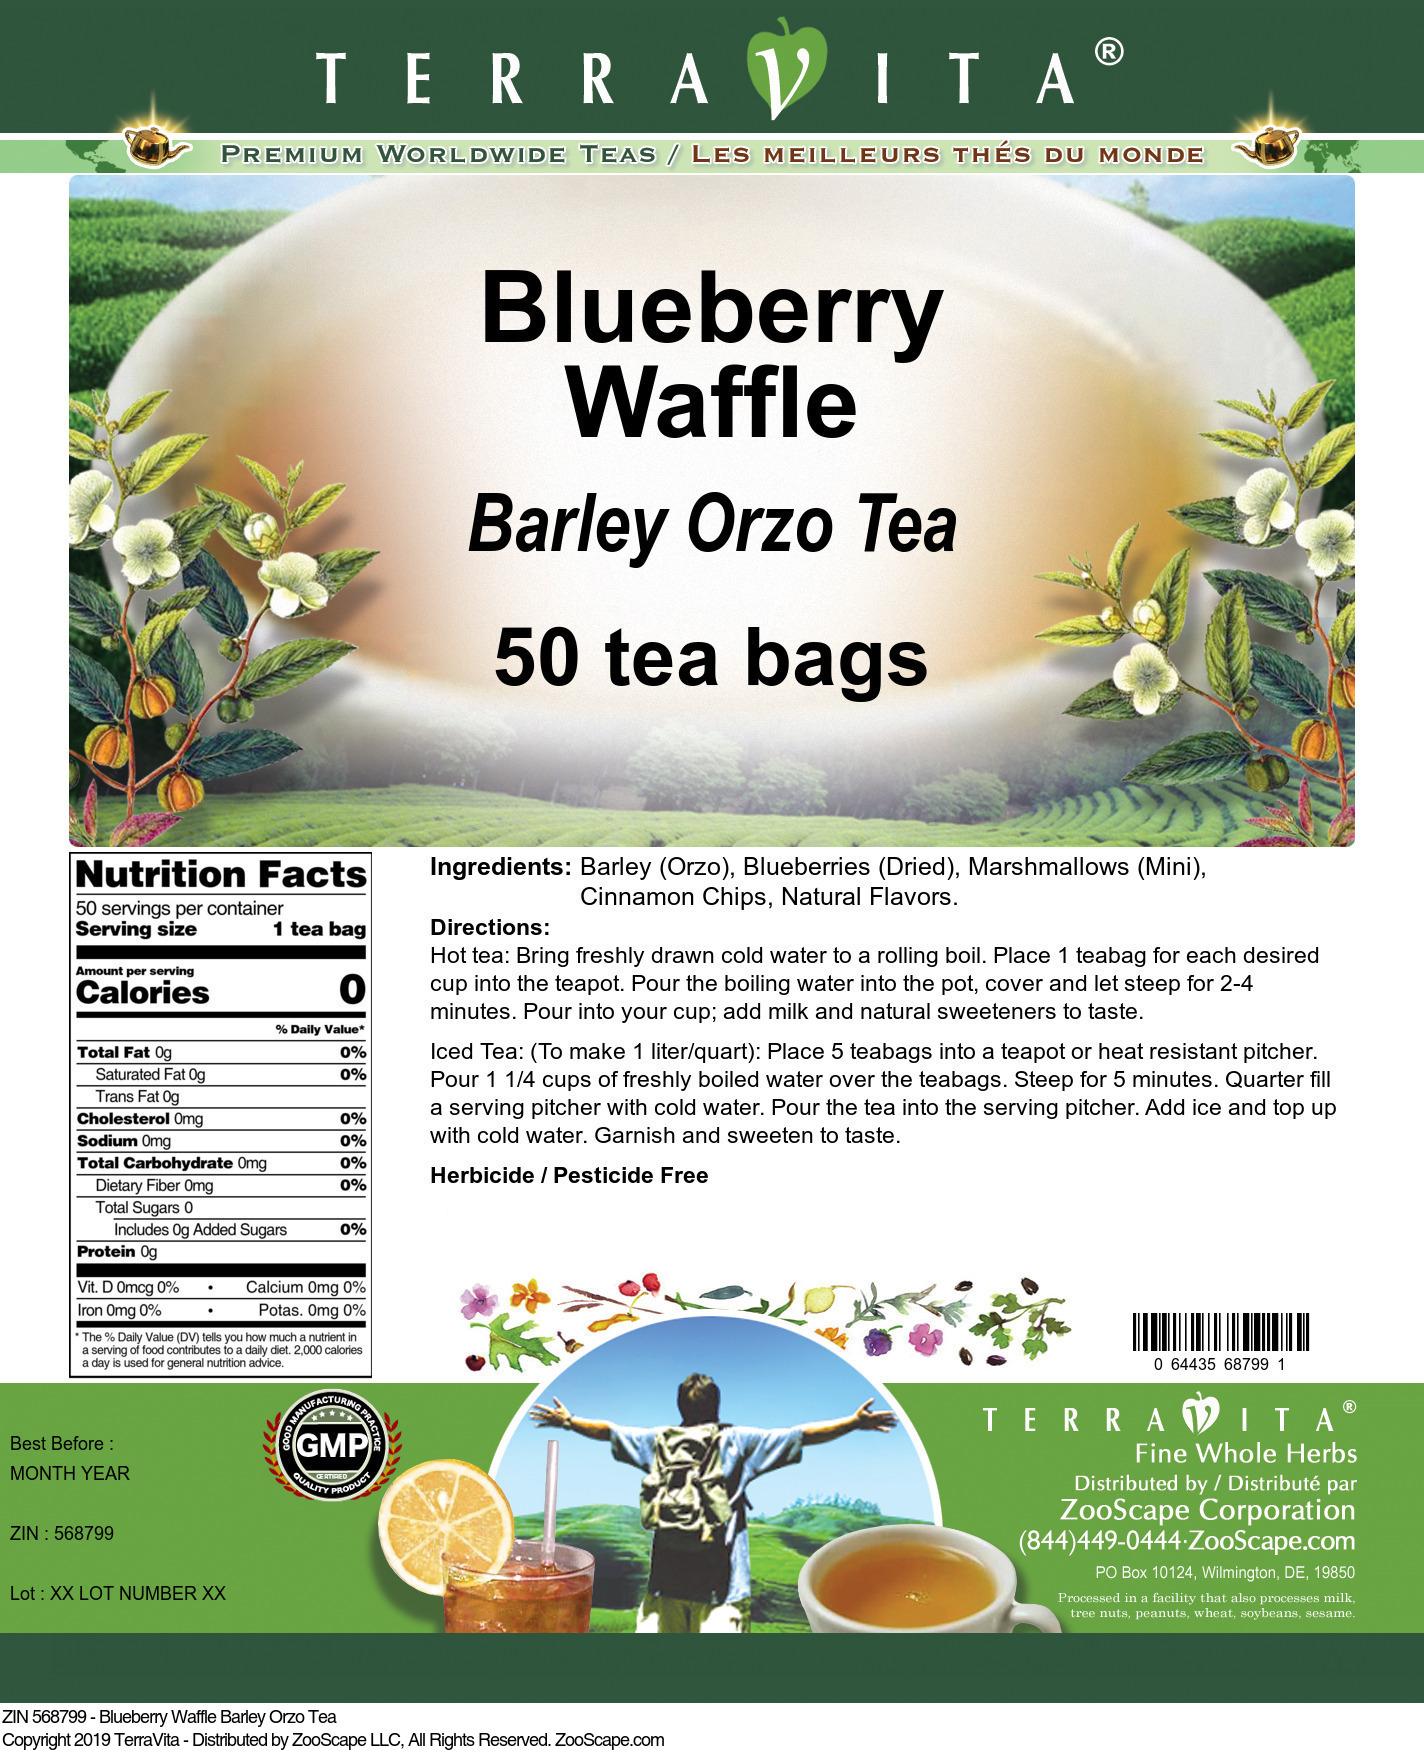 Blueberry Waffle Barley Orzo